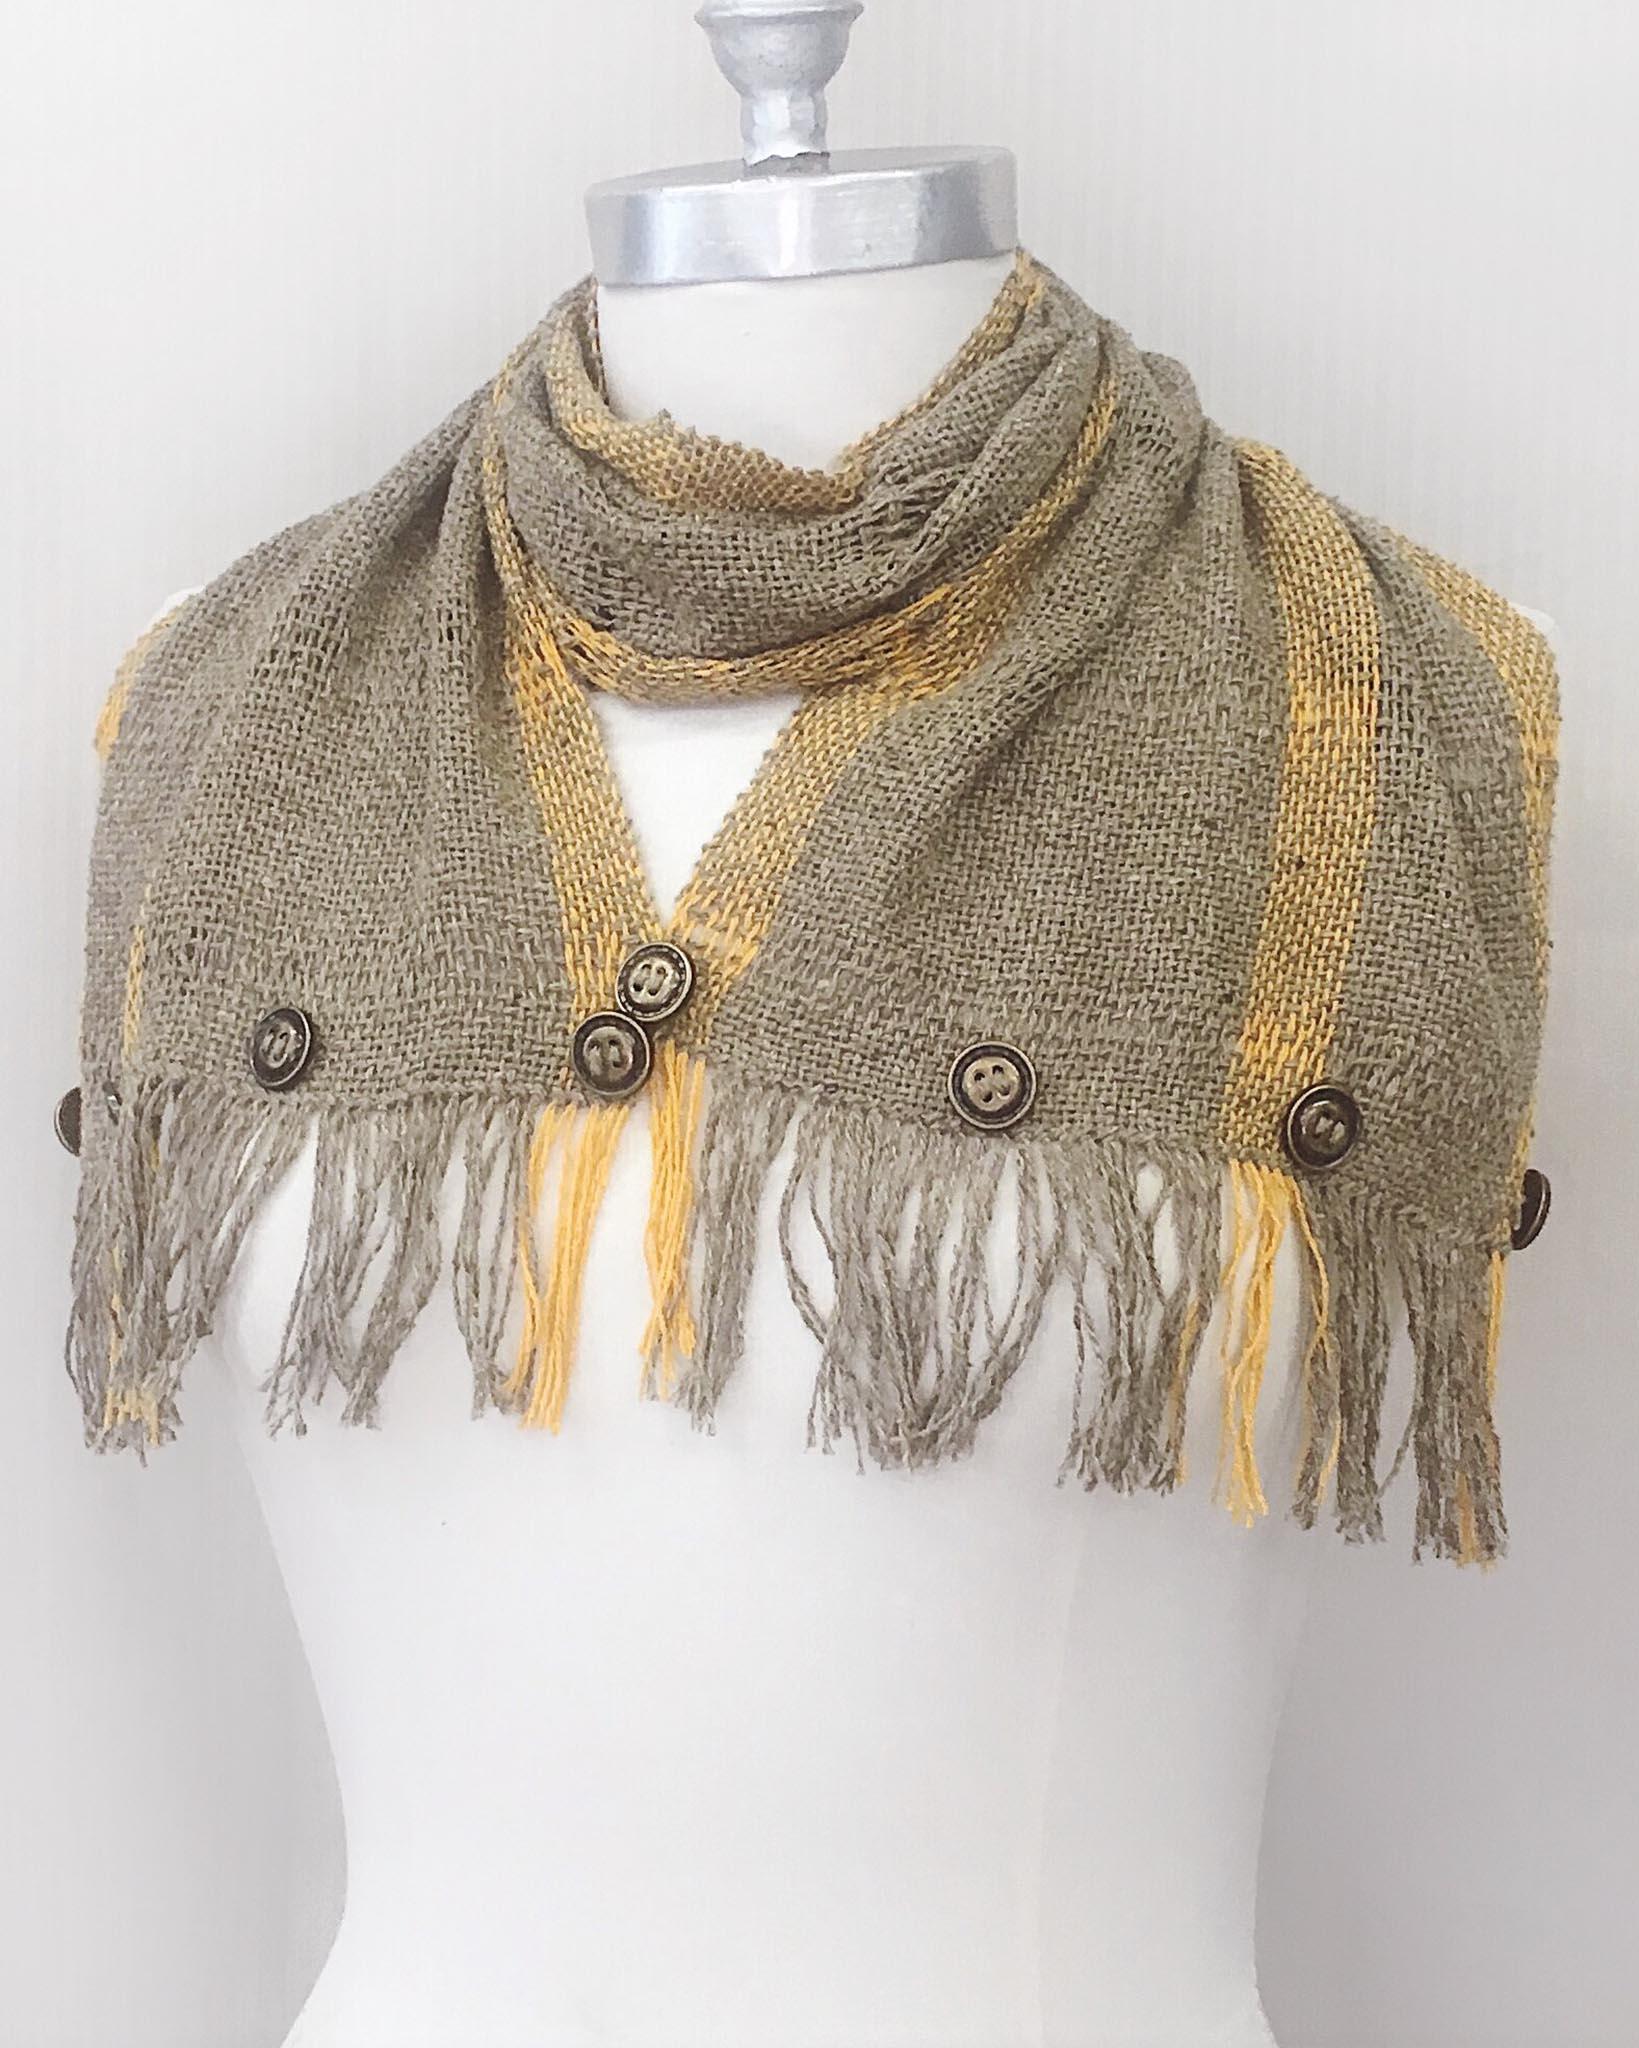 Handwoven Silk Noil Infinity Cowl Free Weaving Pattern